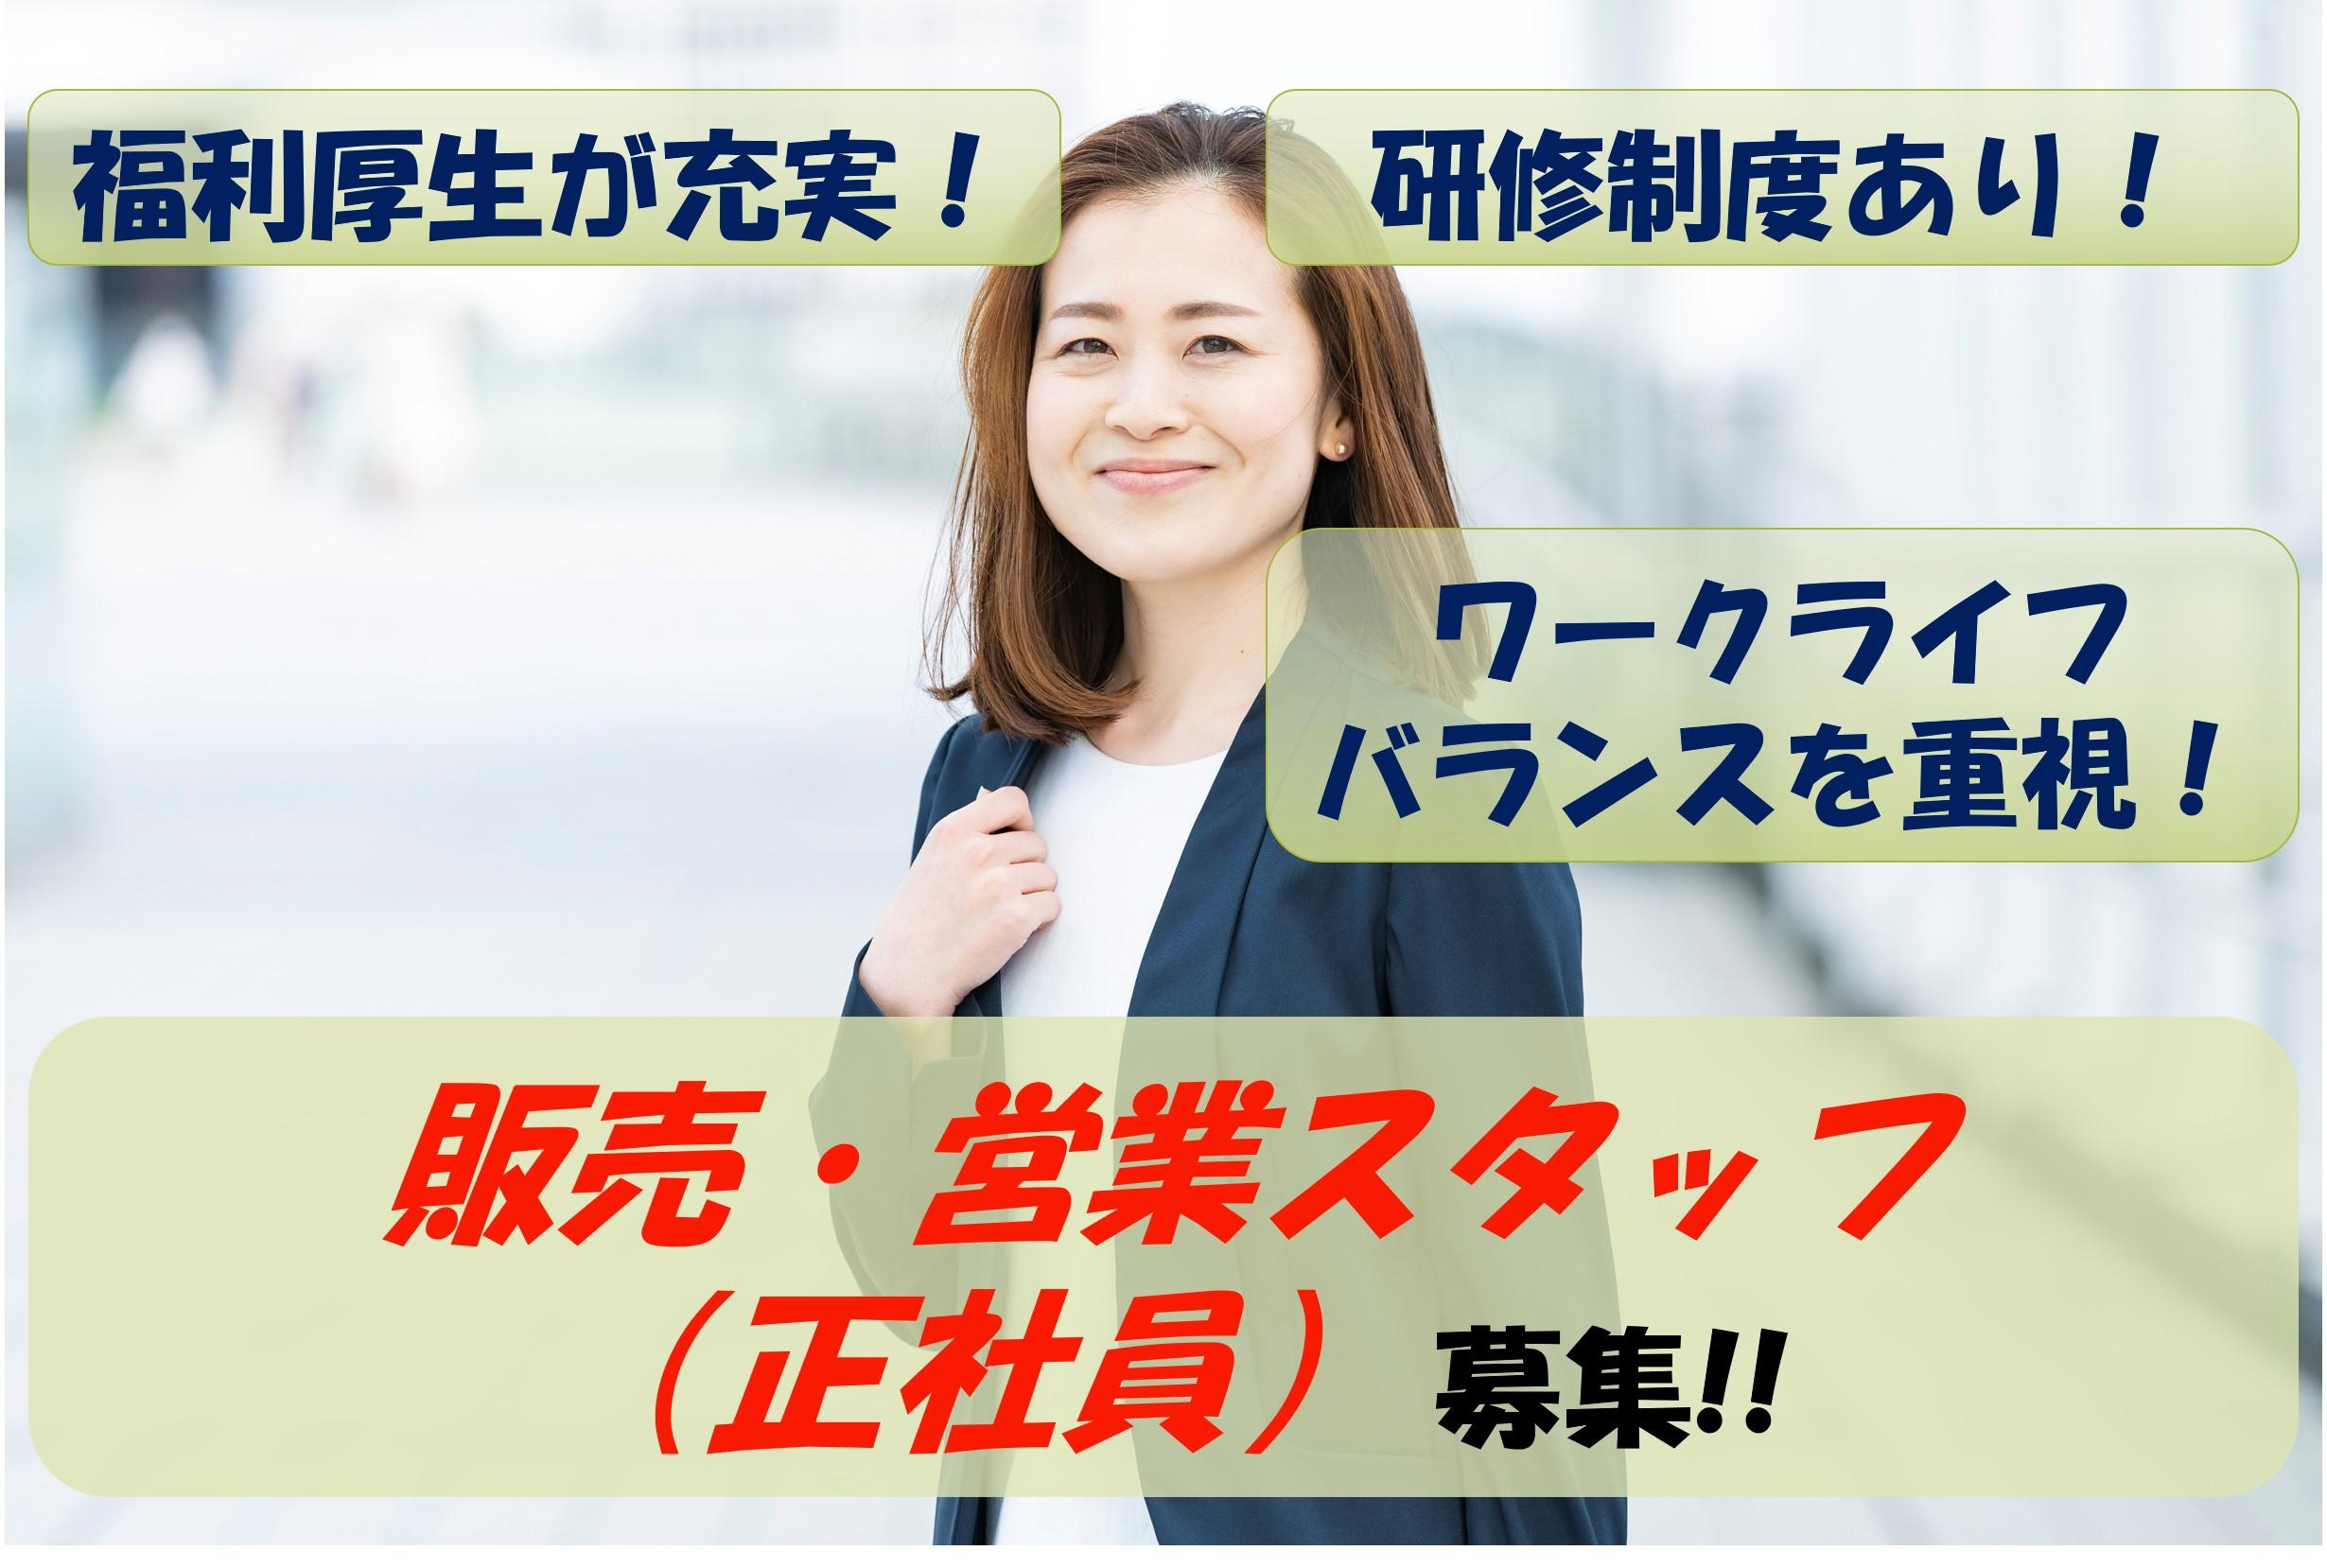 【急募】未経験者歓迎!希望に沿わない転勤なし!営業・販売職 イメージ